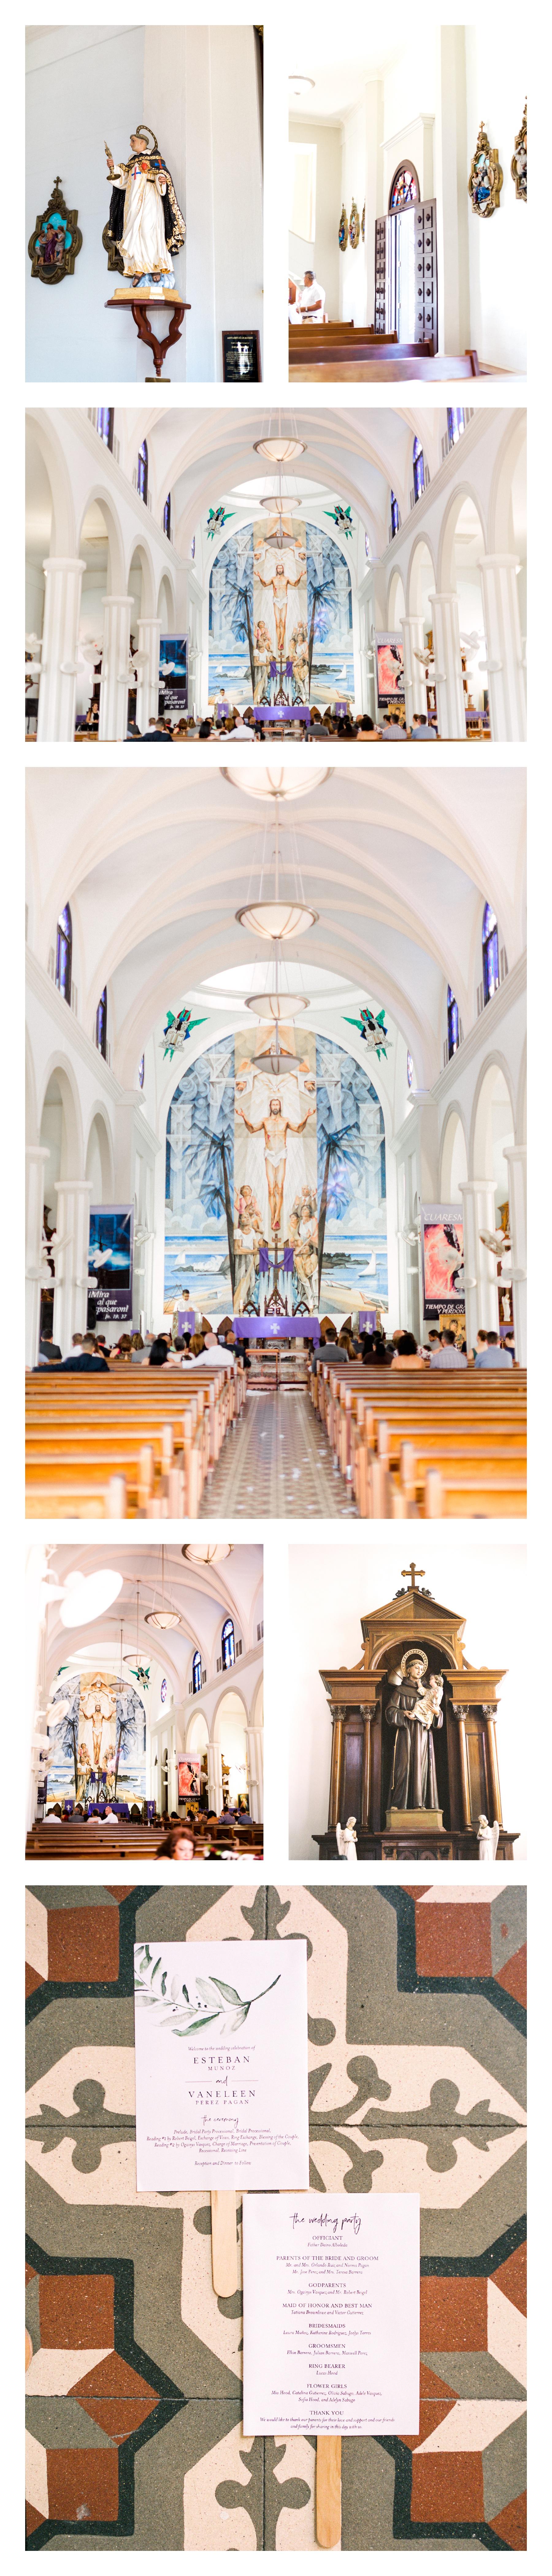 villa-montana-resort-isabela-puerto-rico-wedding_0012.jpg